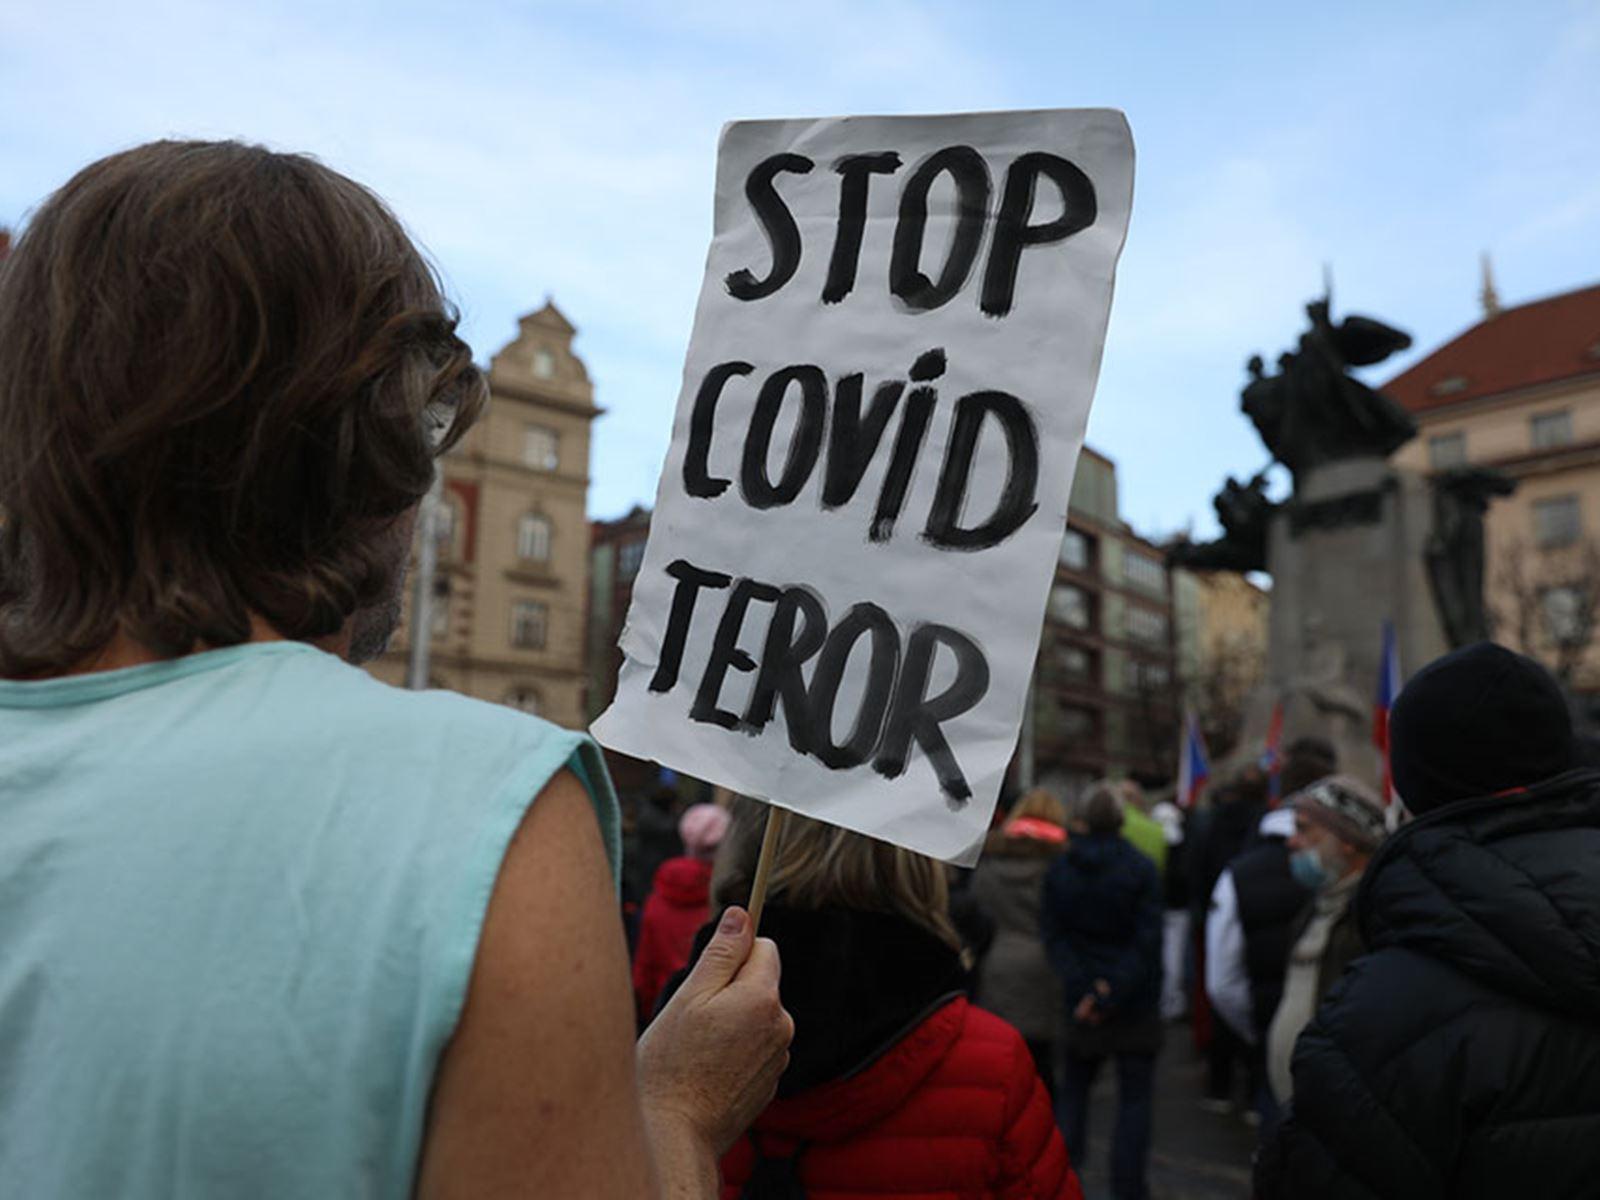 Stop covid teror | ParlamentniListy.cz – politika ze všech stran